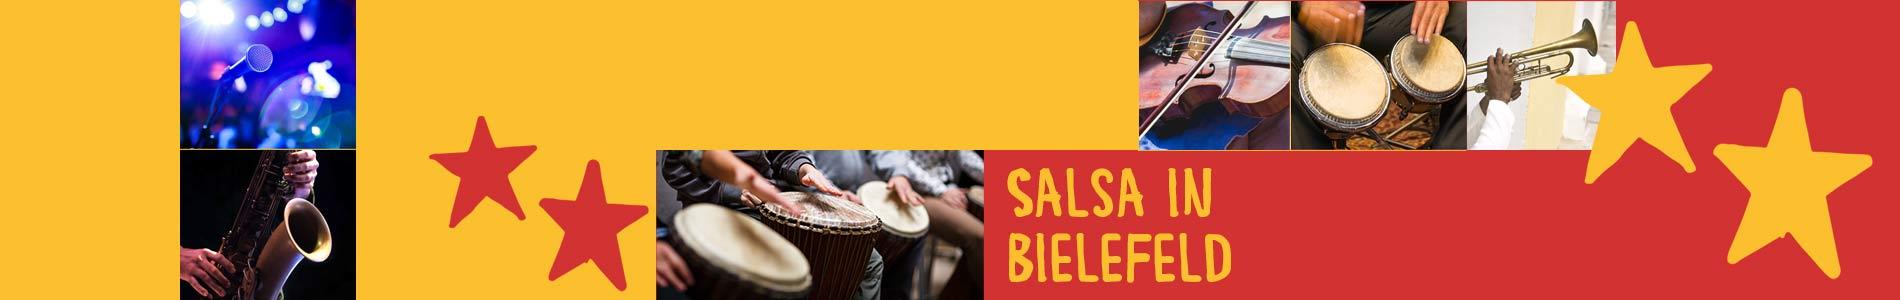 Salsa in Bielefeld – Salsa lernen und tanzen, Tanzkurse, Partys, Veranstaltungen